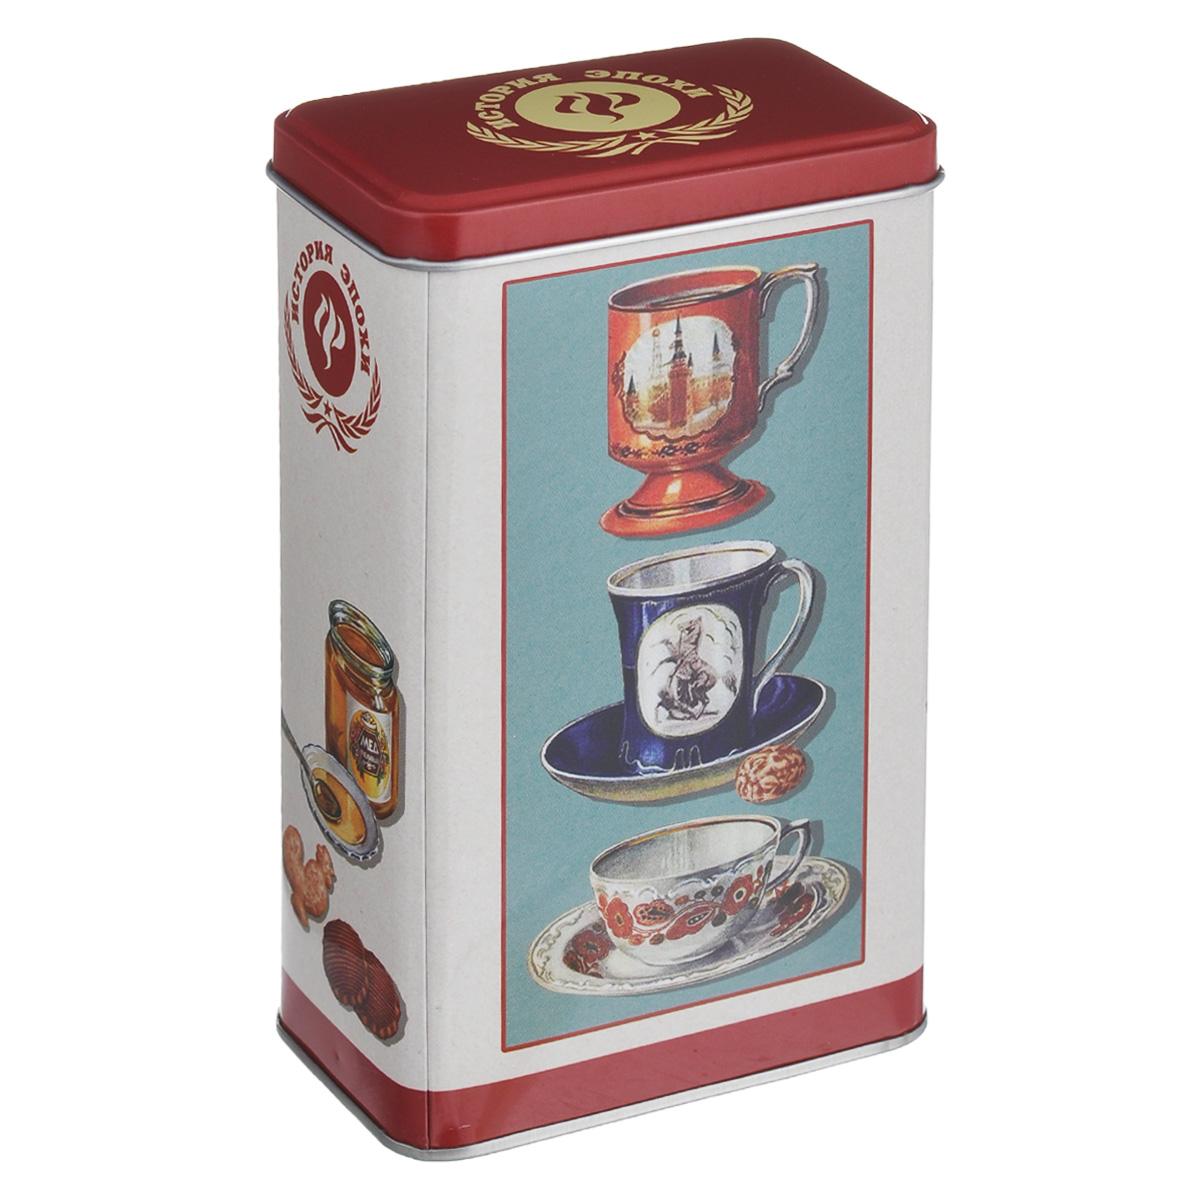 Банка для сыпучих продуктов Чашки, 850 мл37615чашкиБанка для сыпучих продуктов Чашки изготовлена из металла и оснащена крышкой. Корпус банки оформлен рисунком с чашками. Изделие идеально подойдет для хранения чая, кофе, сахара или других сыпучих продуктов. Банка сохраняет продукты свежими и ароматными на длительное время. Функциональная и вместительная, такая банка станет незаменимым аксессуаром и стильно оформит интерьер кухни.Объем: 850 мл.